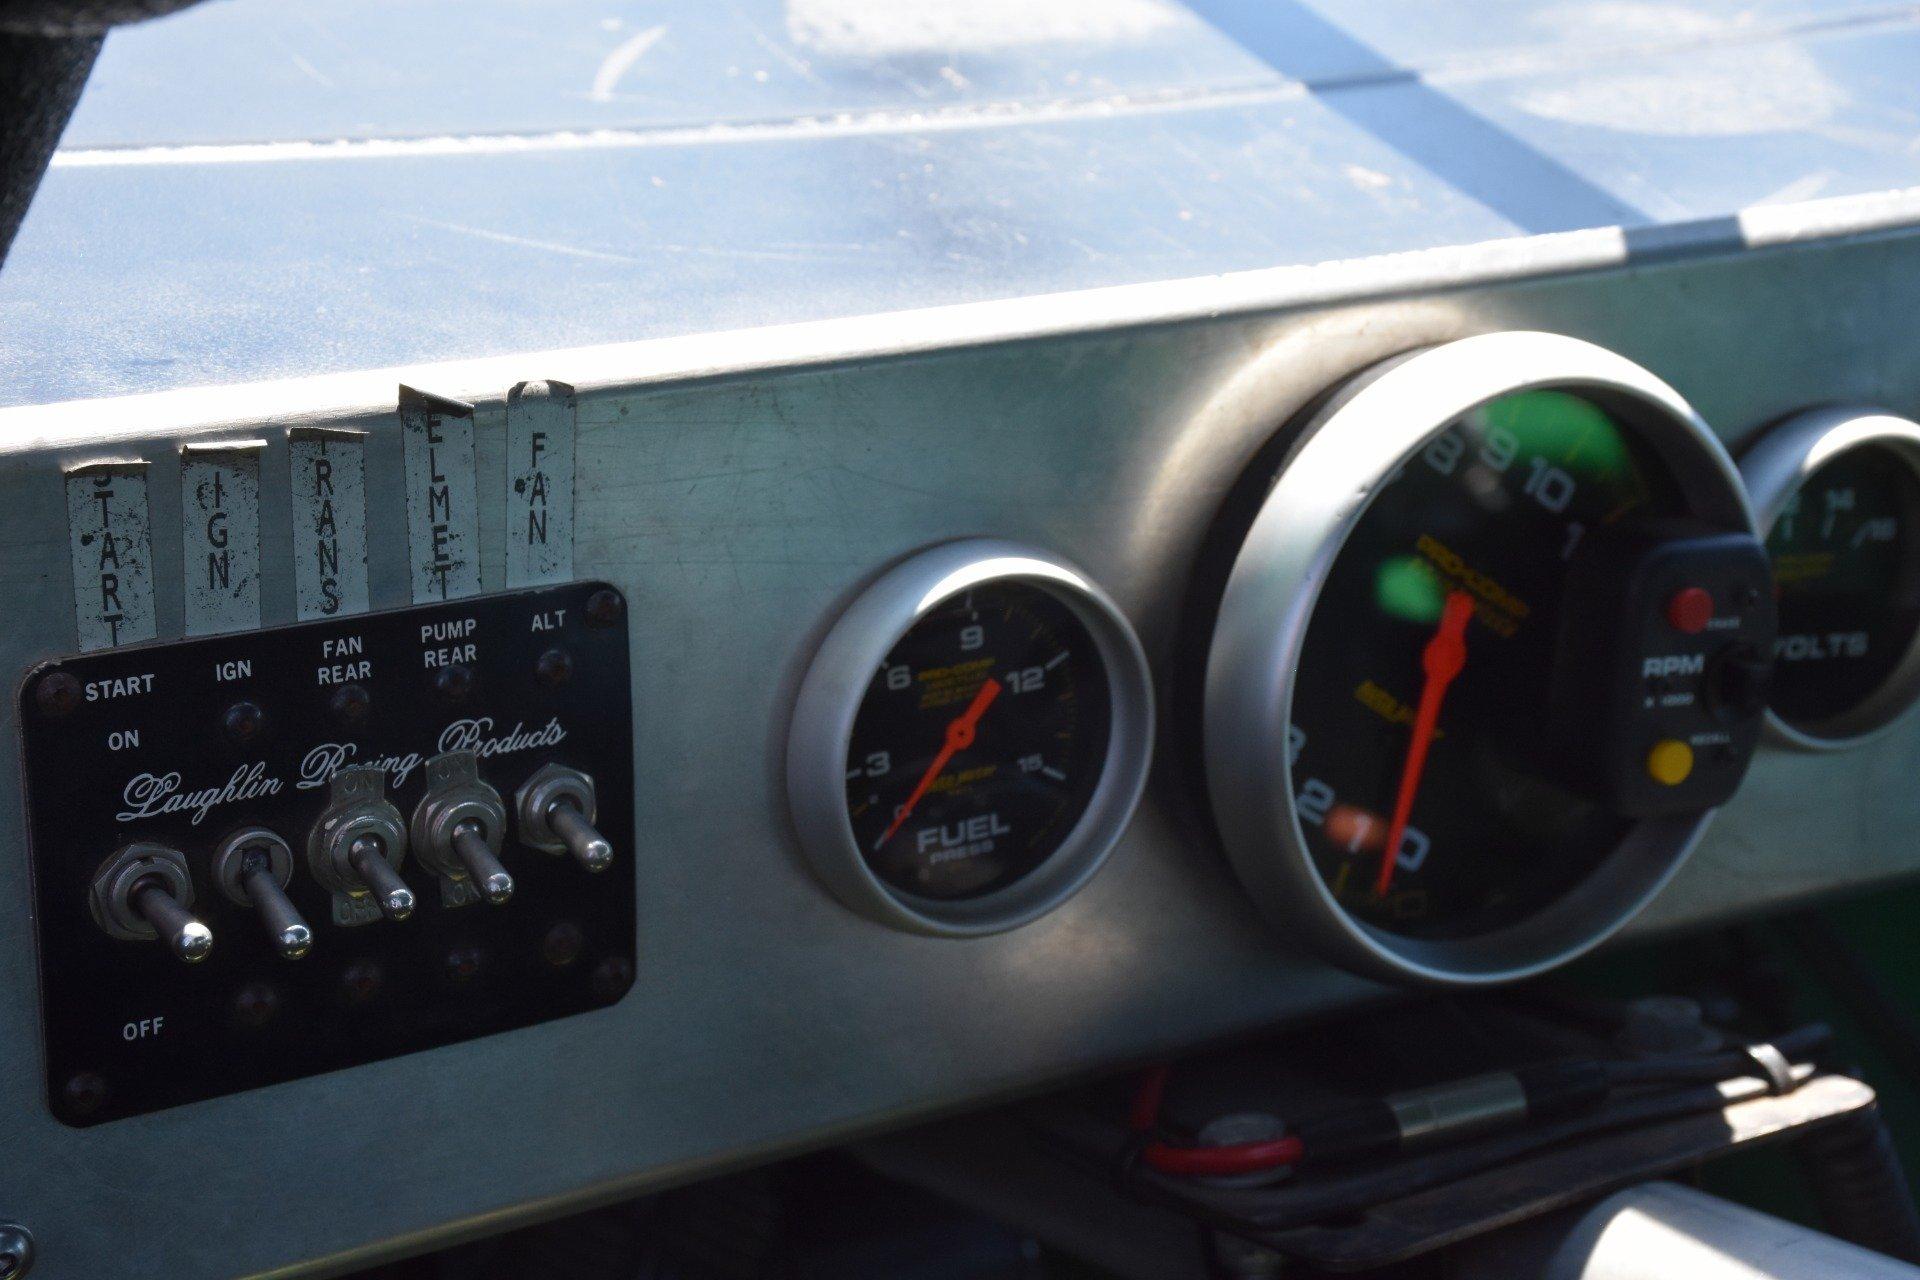 1989 Z Movie Car Days of Thunder Chevrolet Lumina Stock Car   Ideal